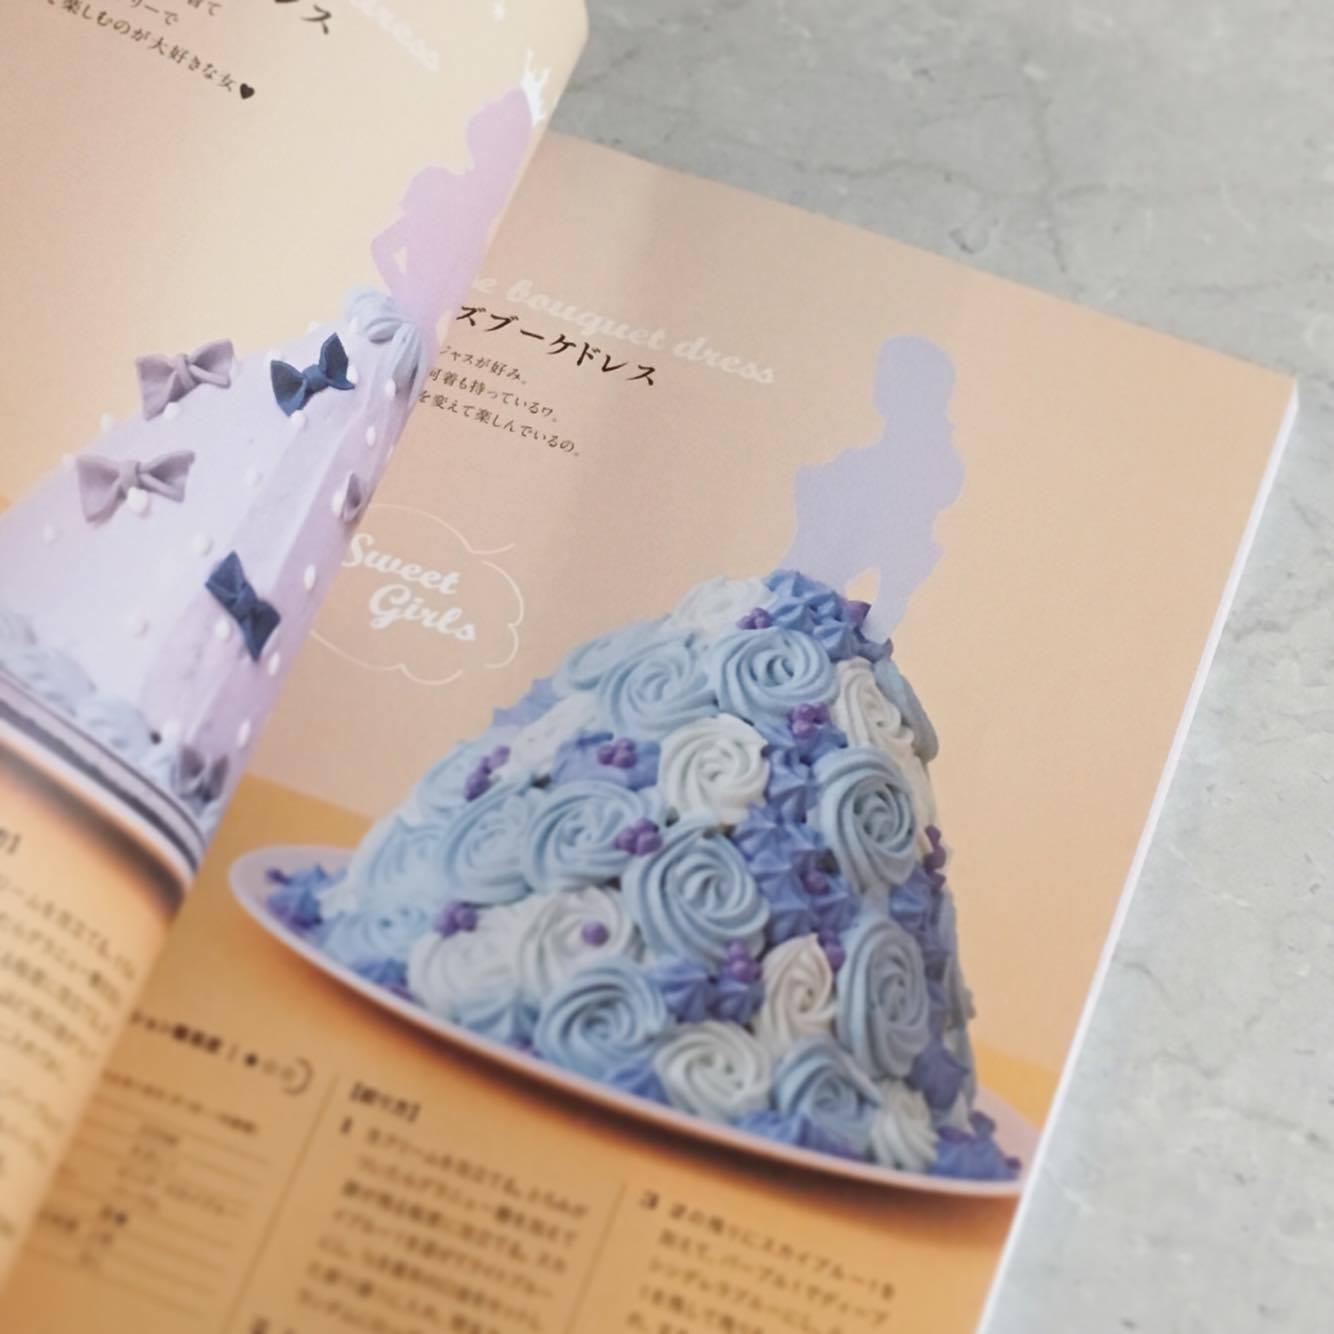 丹羽萌子さんの作るこのプリンセスケーキは超人技でした。